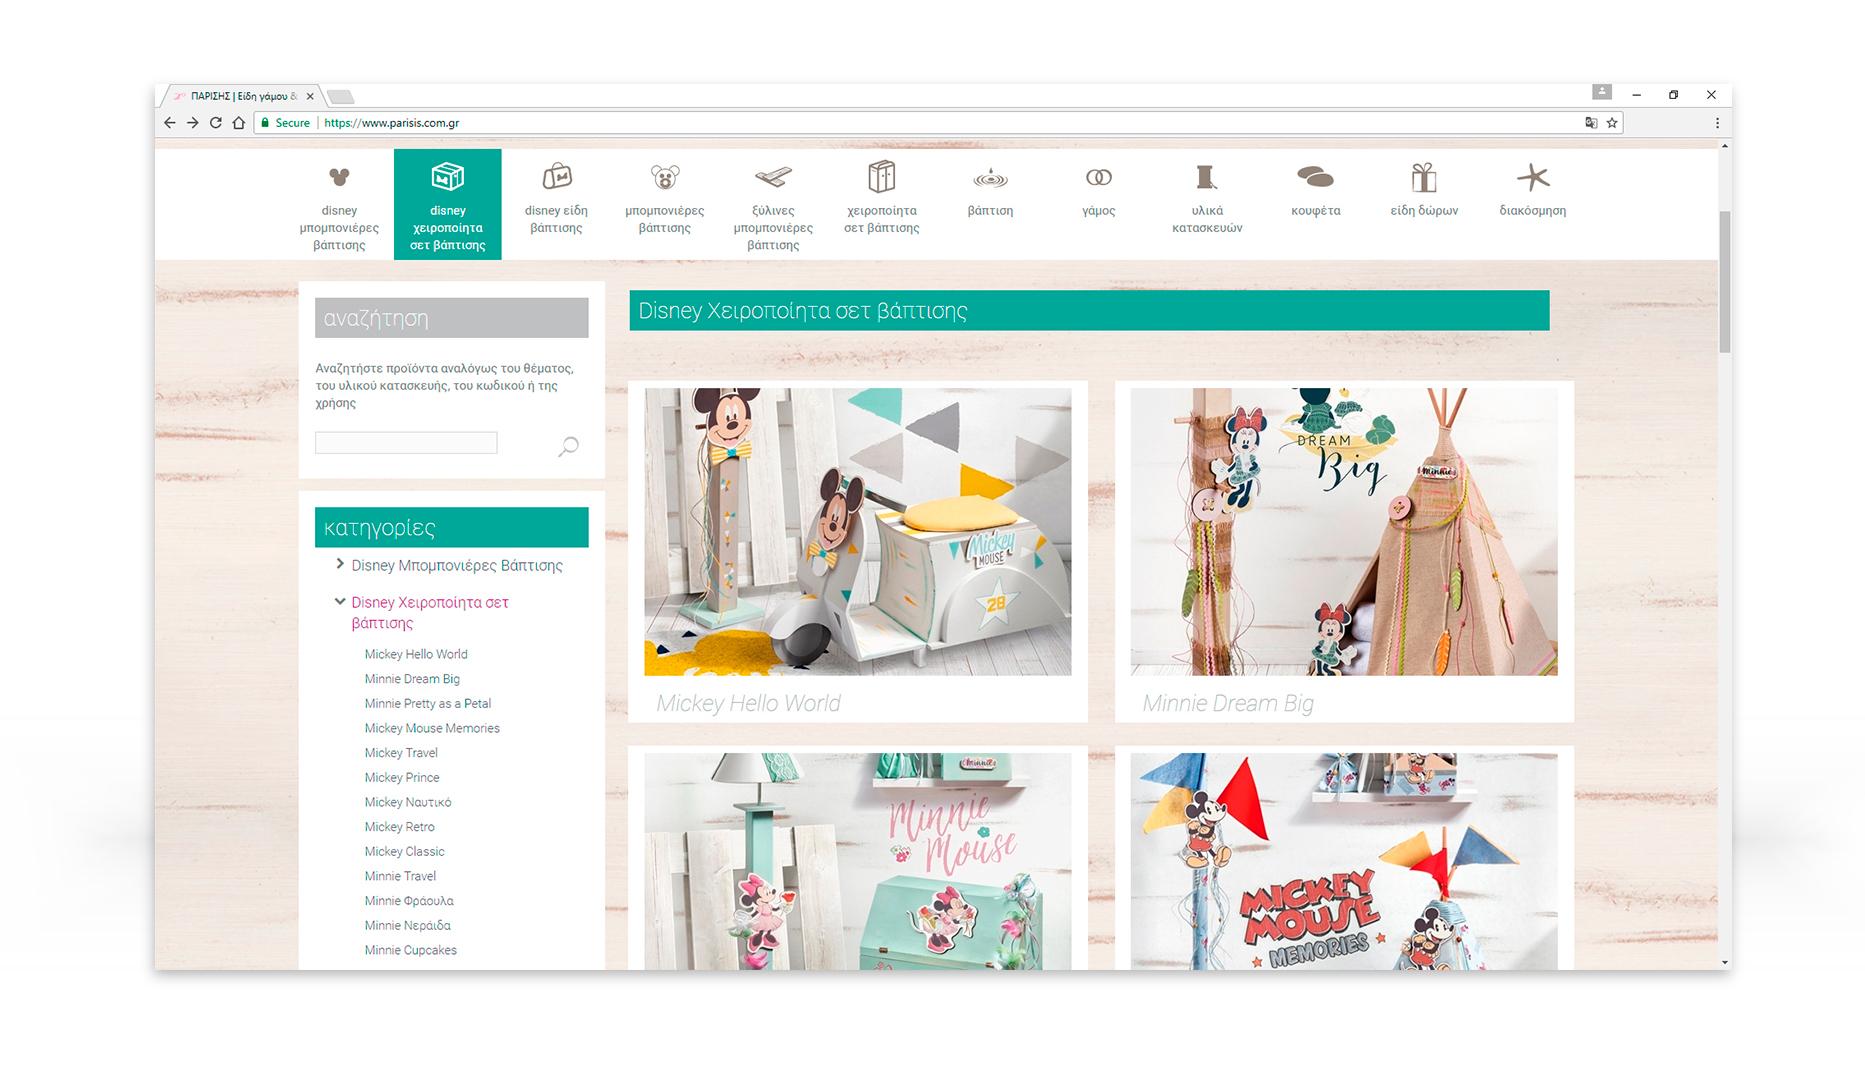 Δημιουργία Ιστοσελίδας για την εταιρία ΠΑΡΙΣΗΣ • adeadpixel